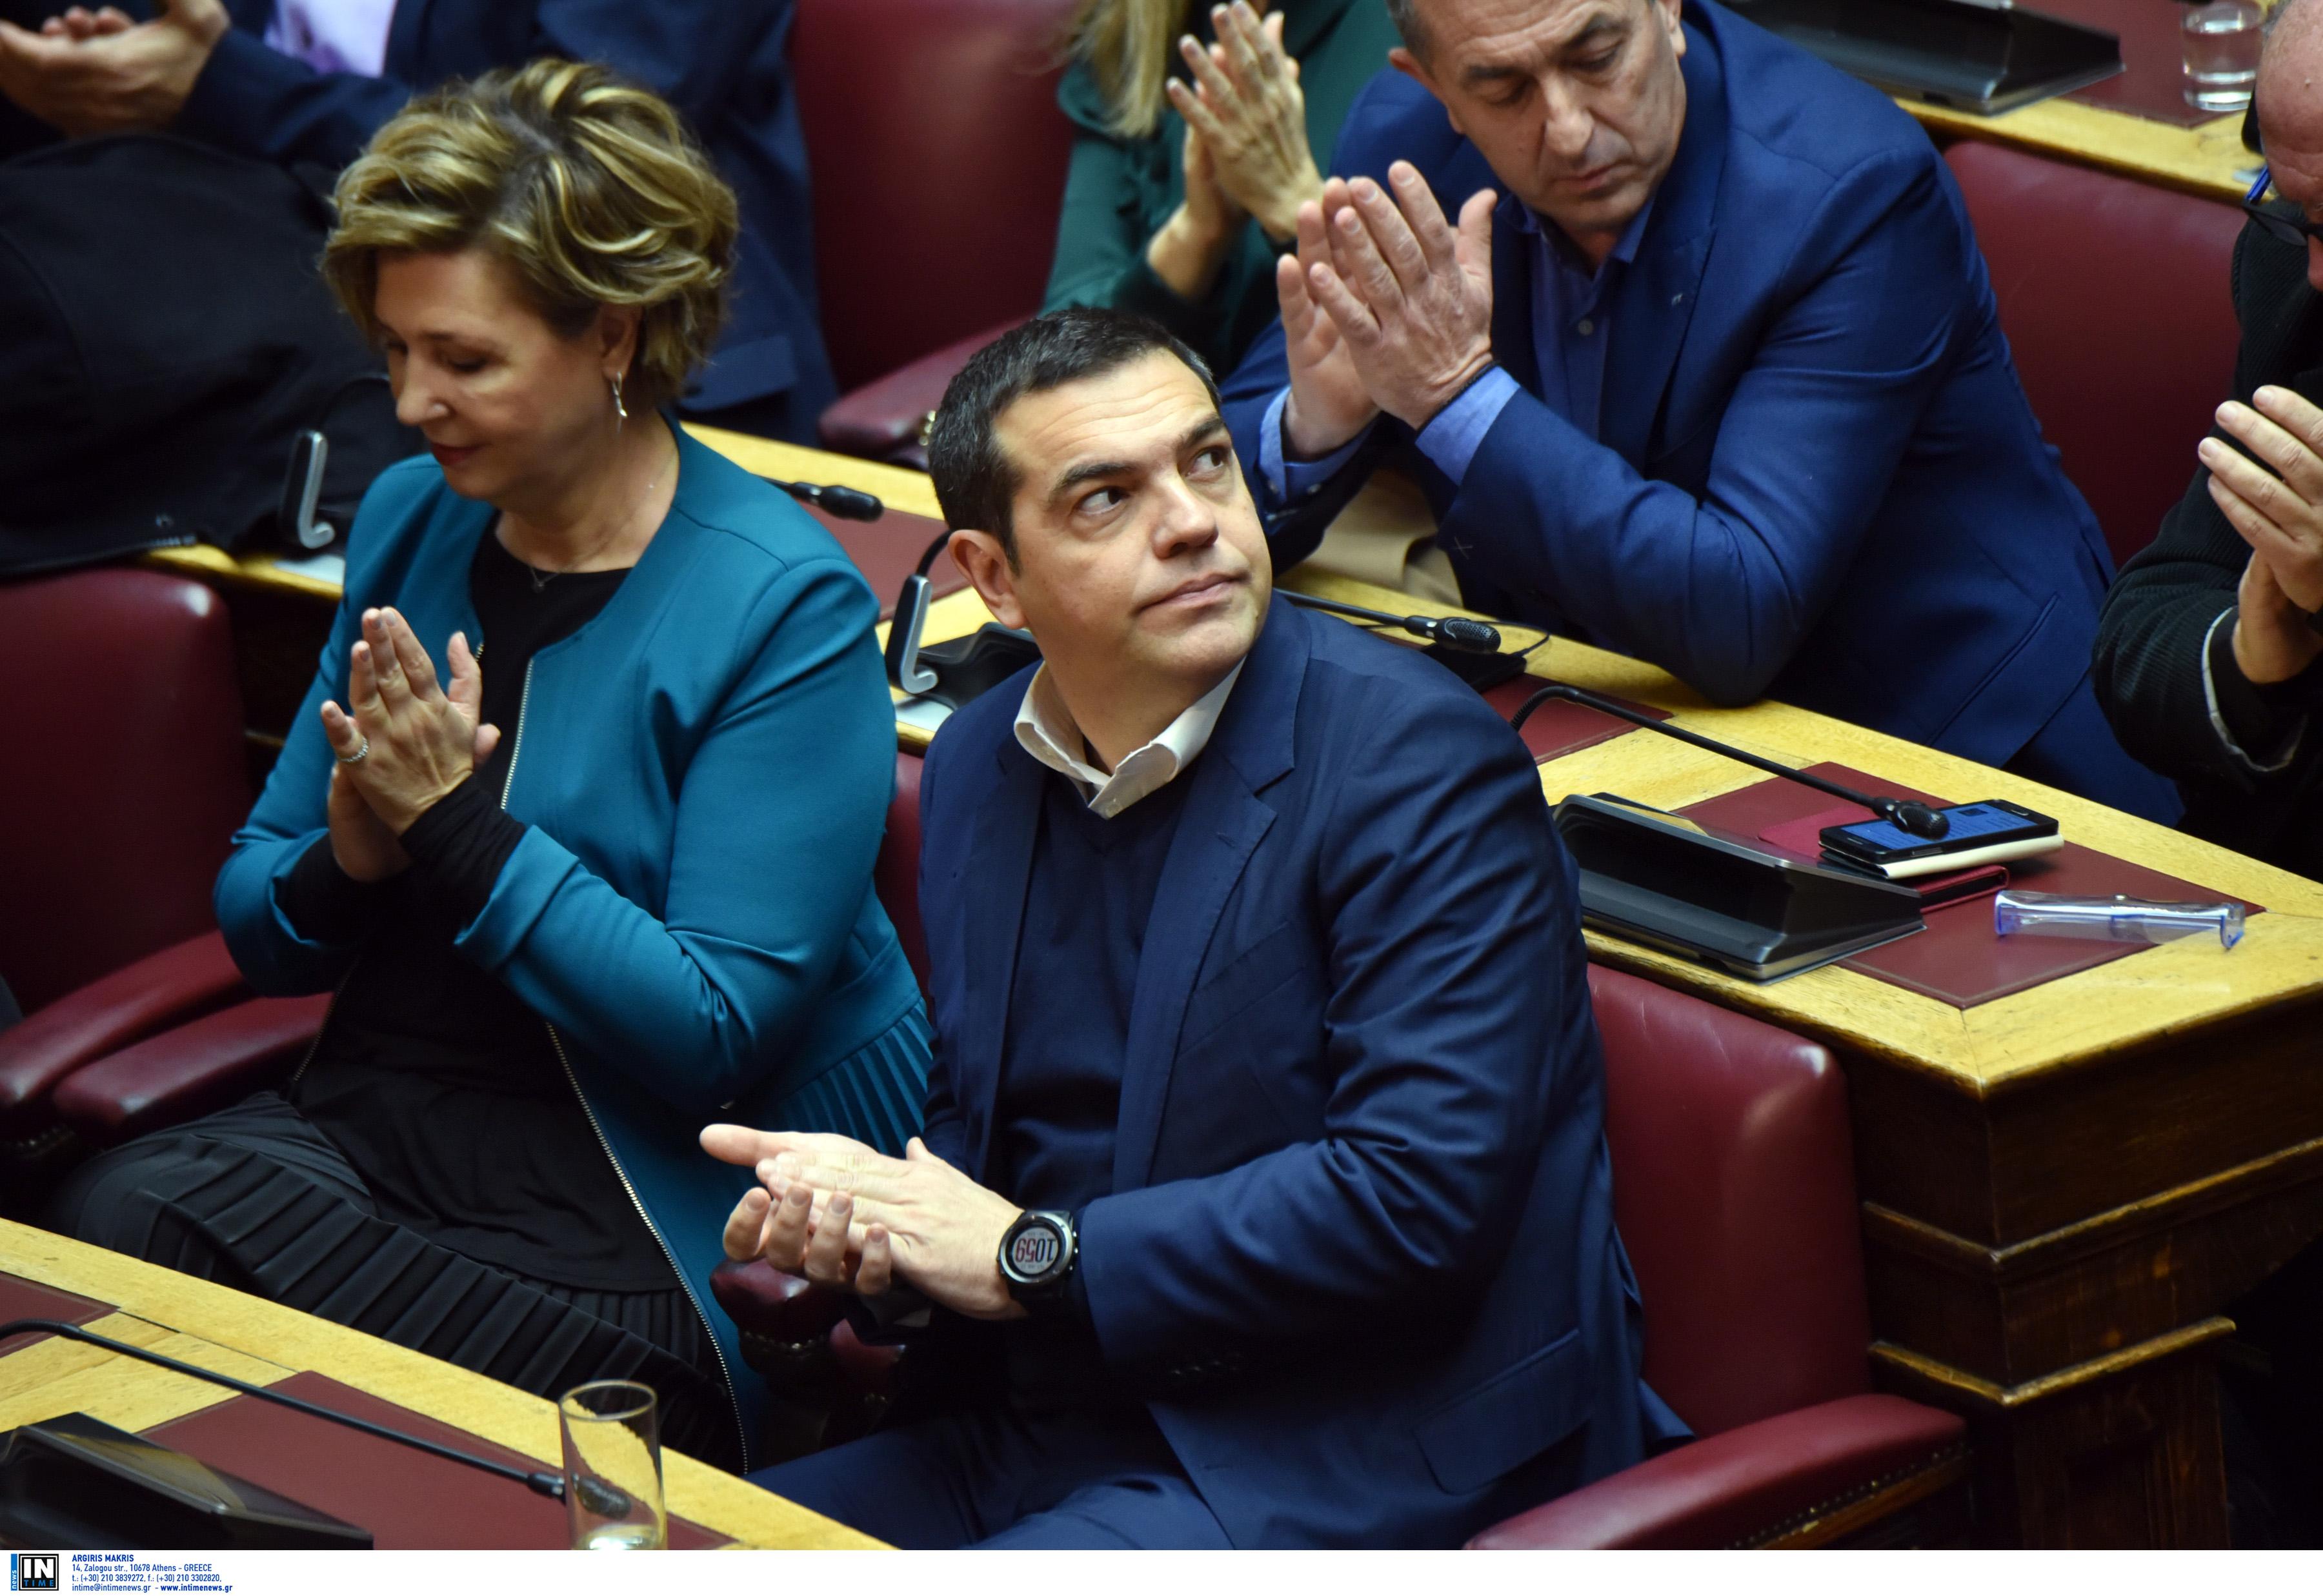 Περιμένει… αιφνιδιασμό Μητσοτάκη και πρόωρες εκλογές μετά τον εκλογικό νόμο ο ΣΥΡΙΖΑ